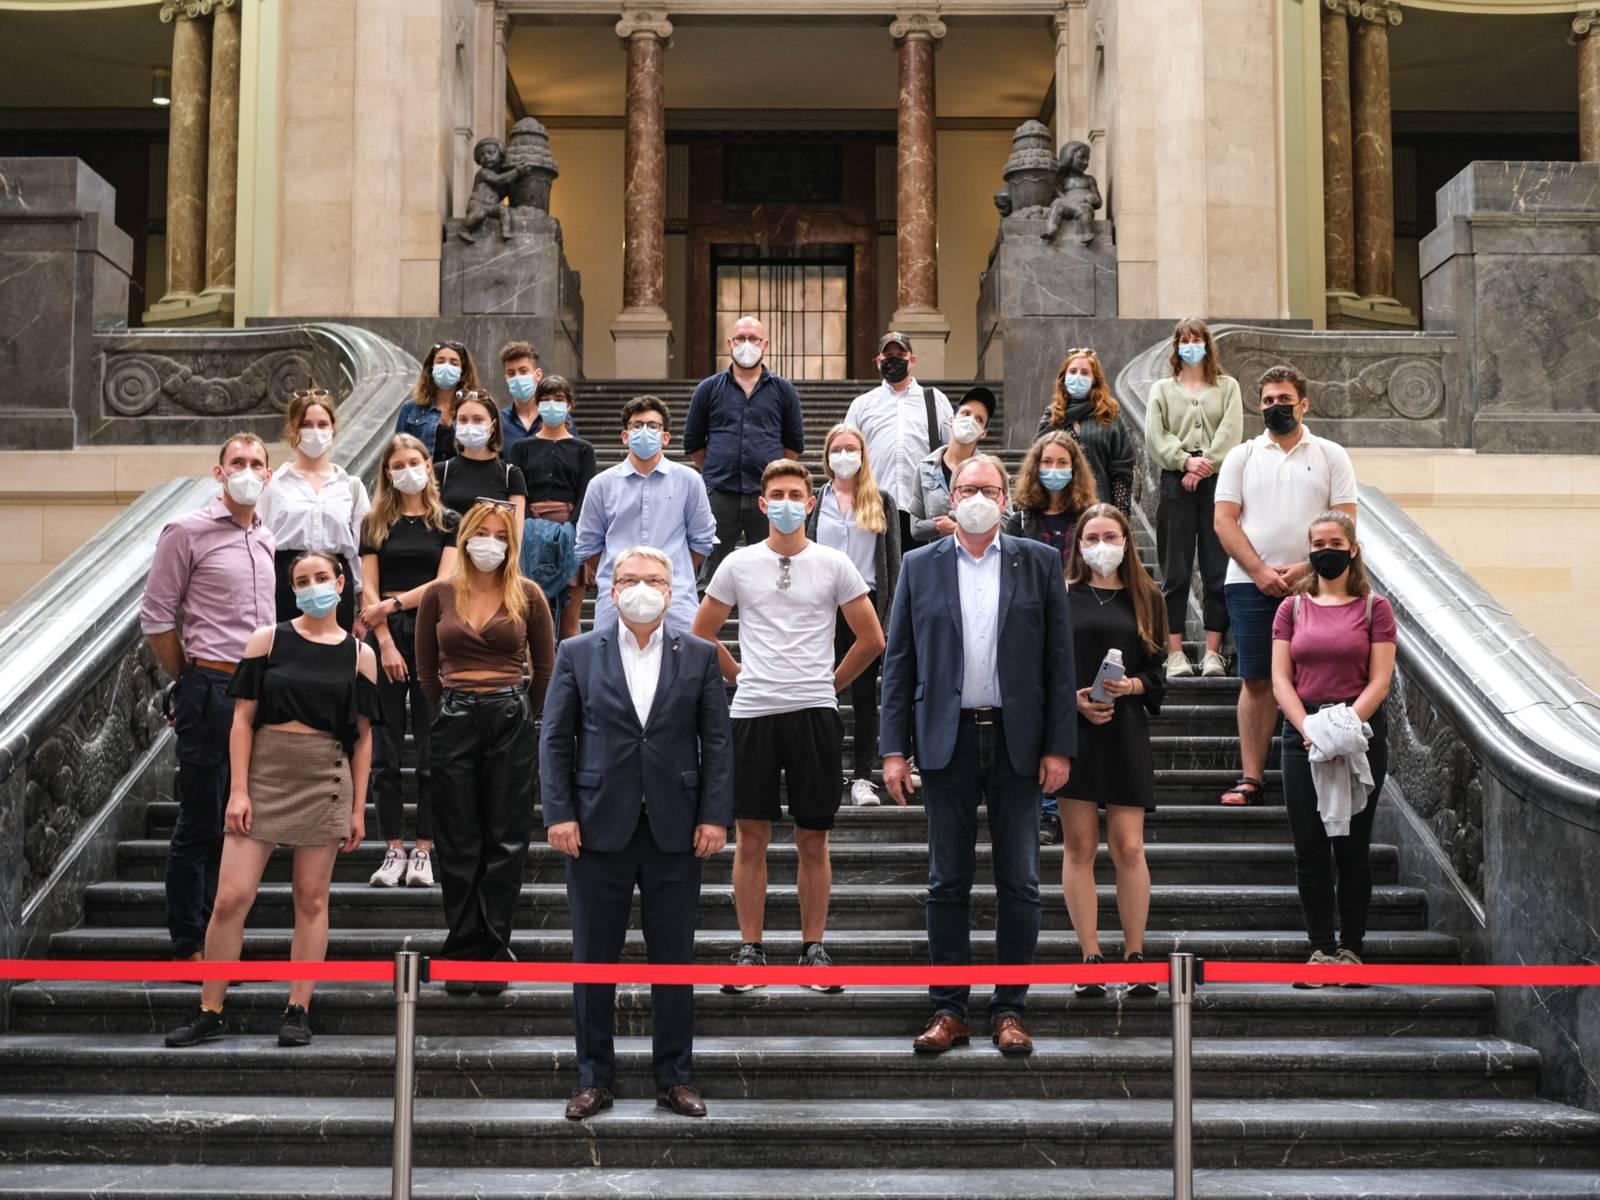 Gruppe von rund 20 Personen auf einer Treppe in einer Halle. Alle tragen einen Mund-Nasen-Schutz.